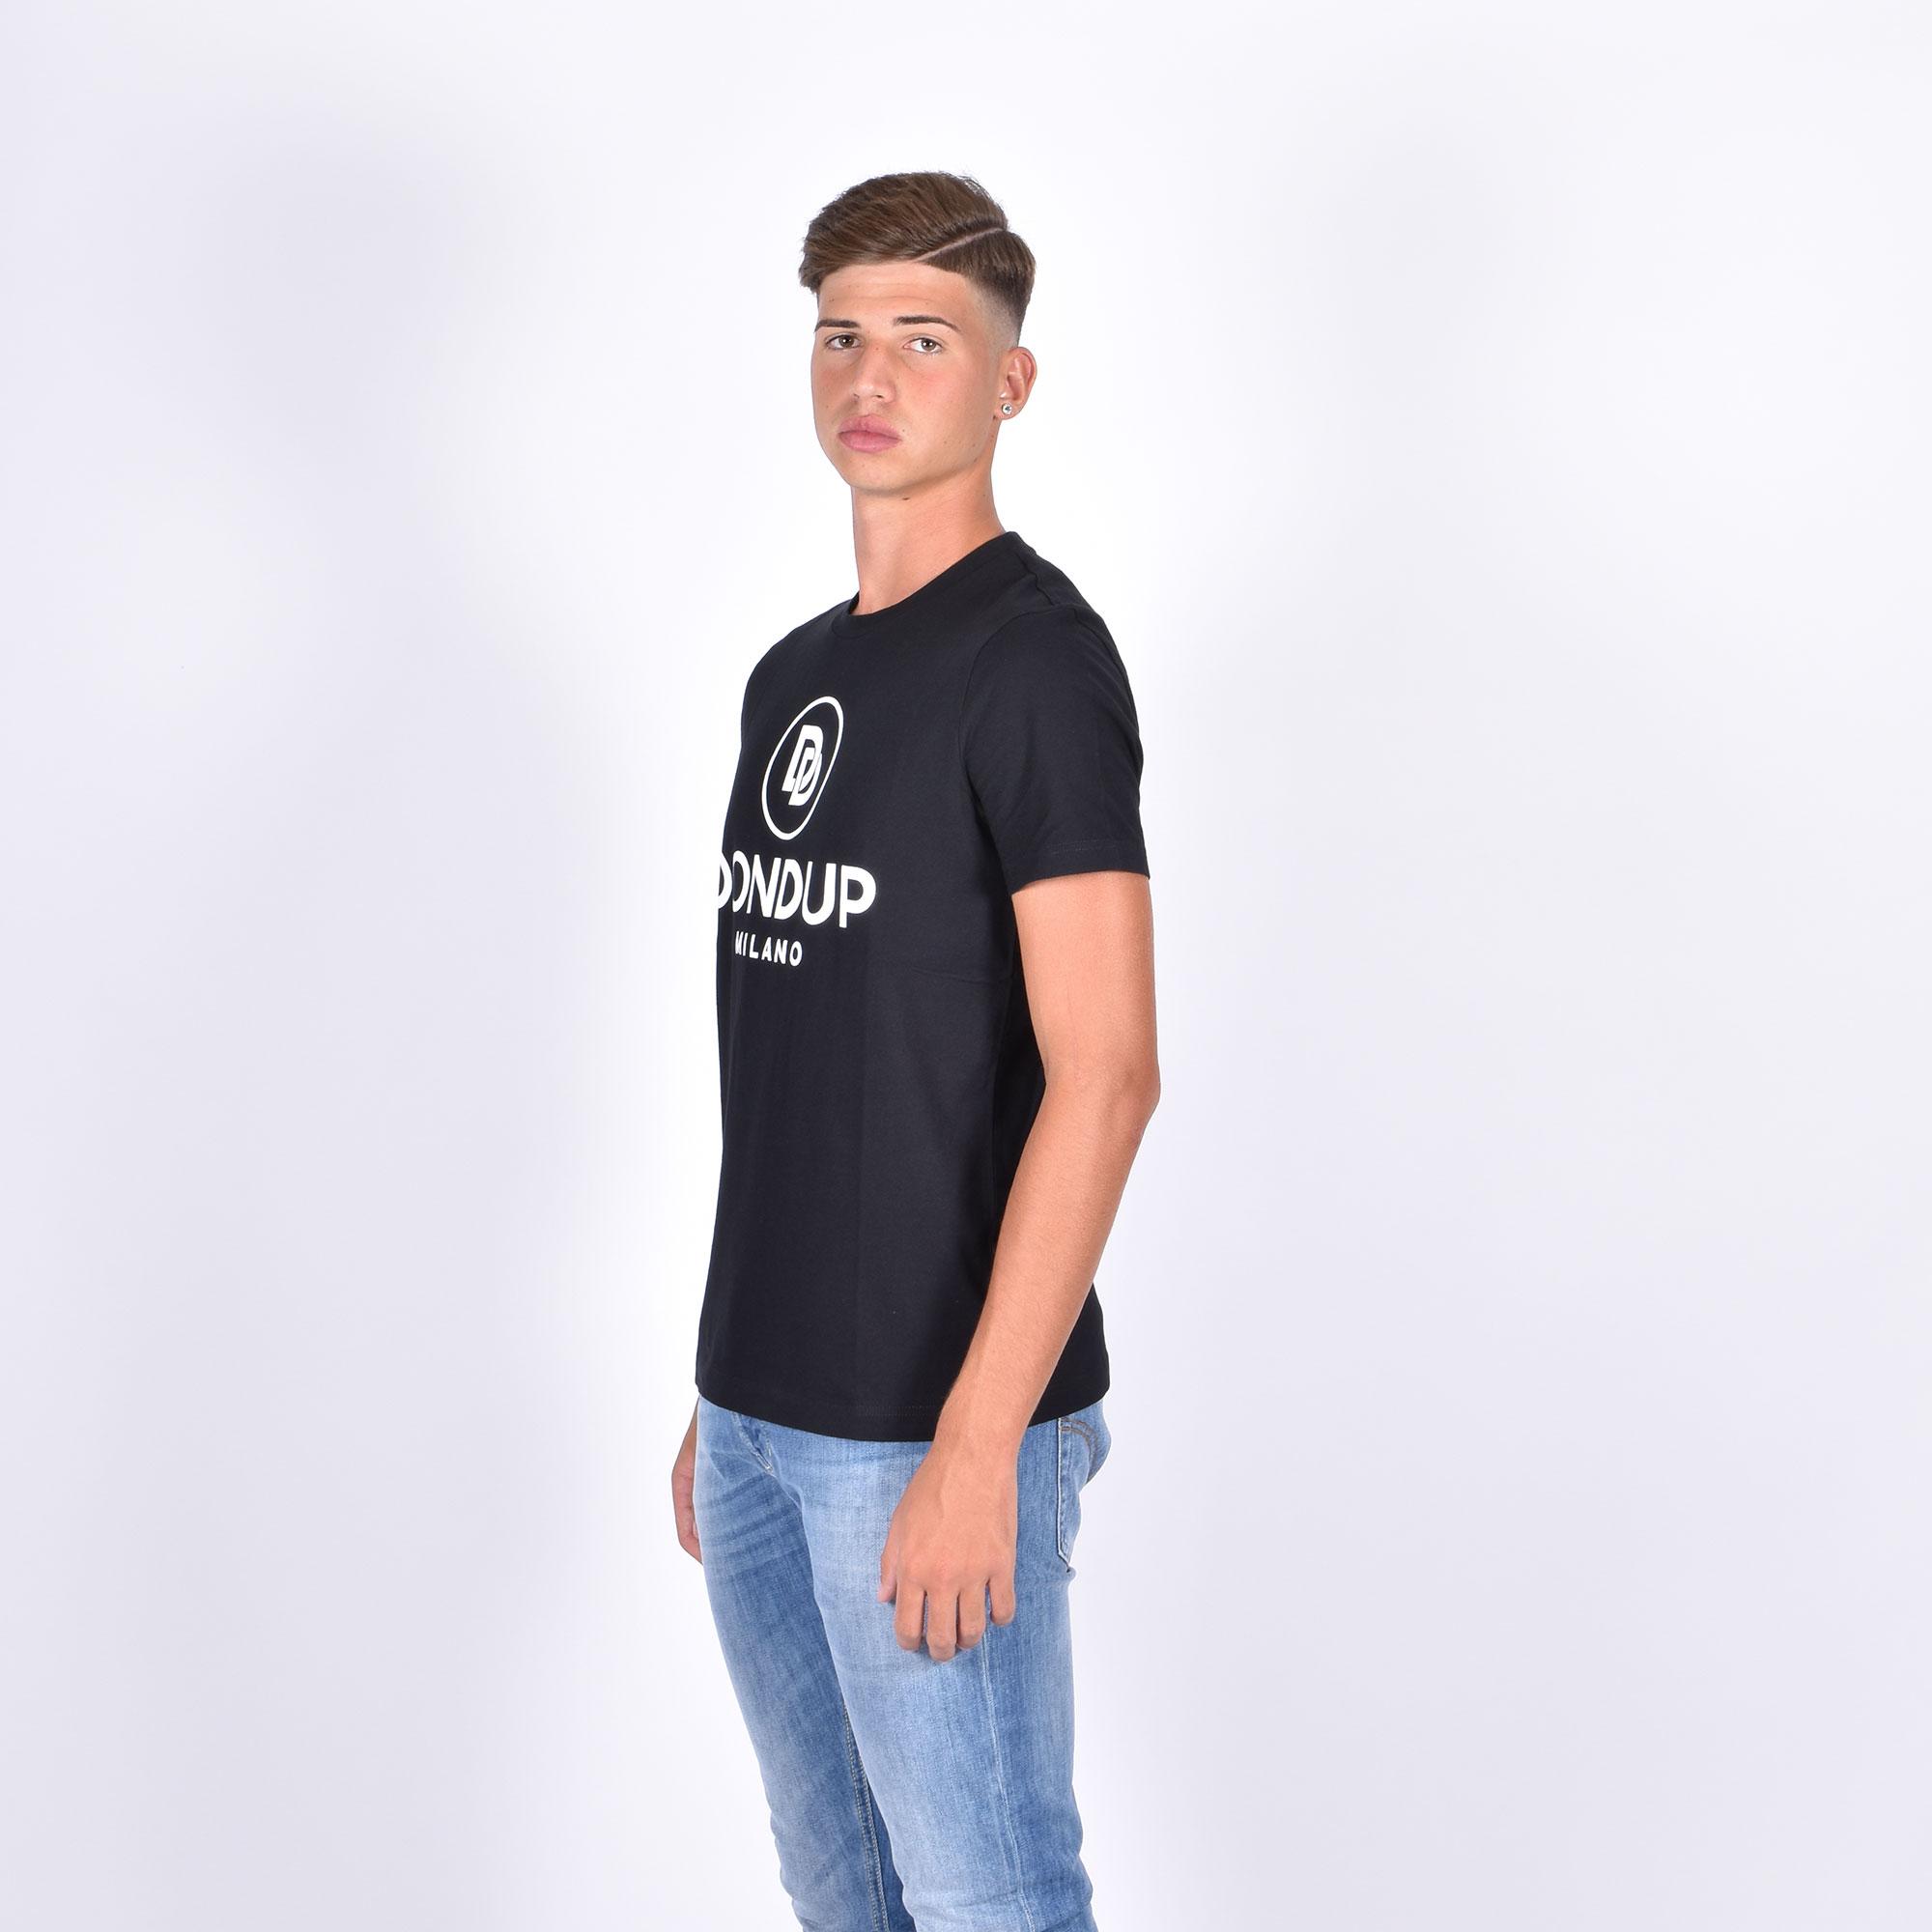 T-shirt dondup milano